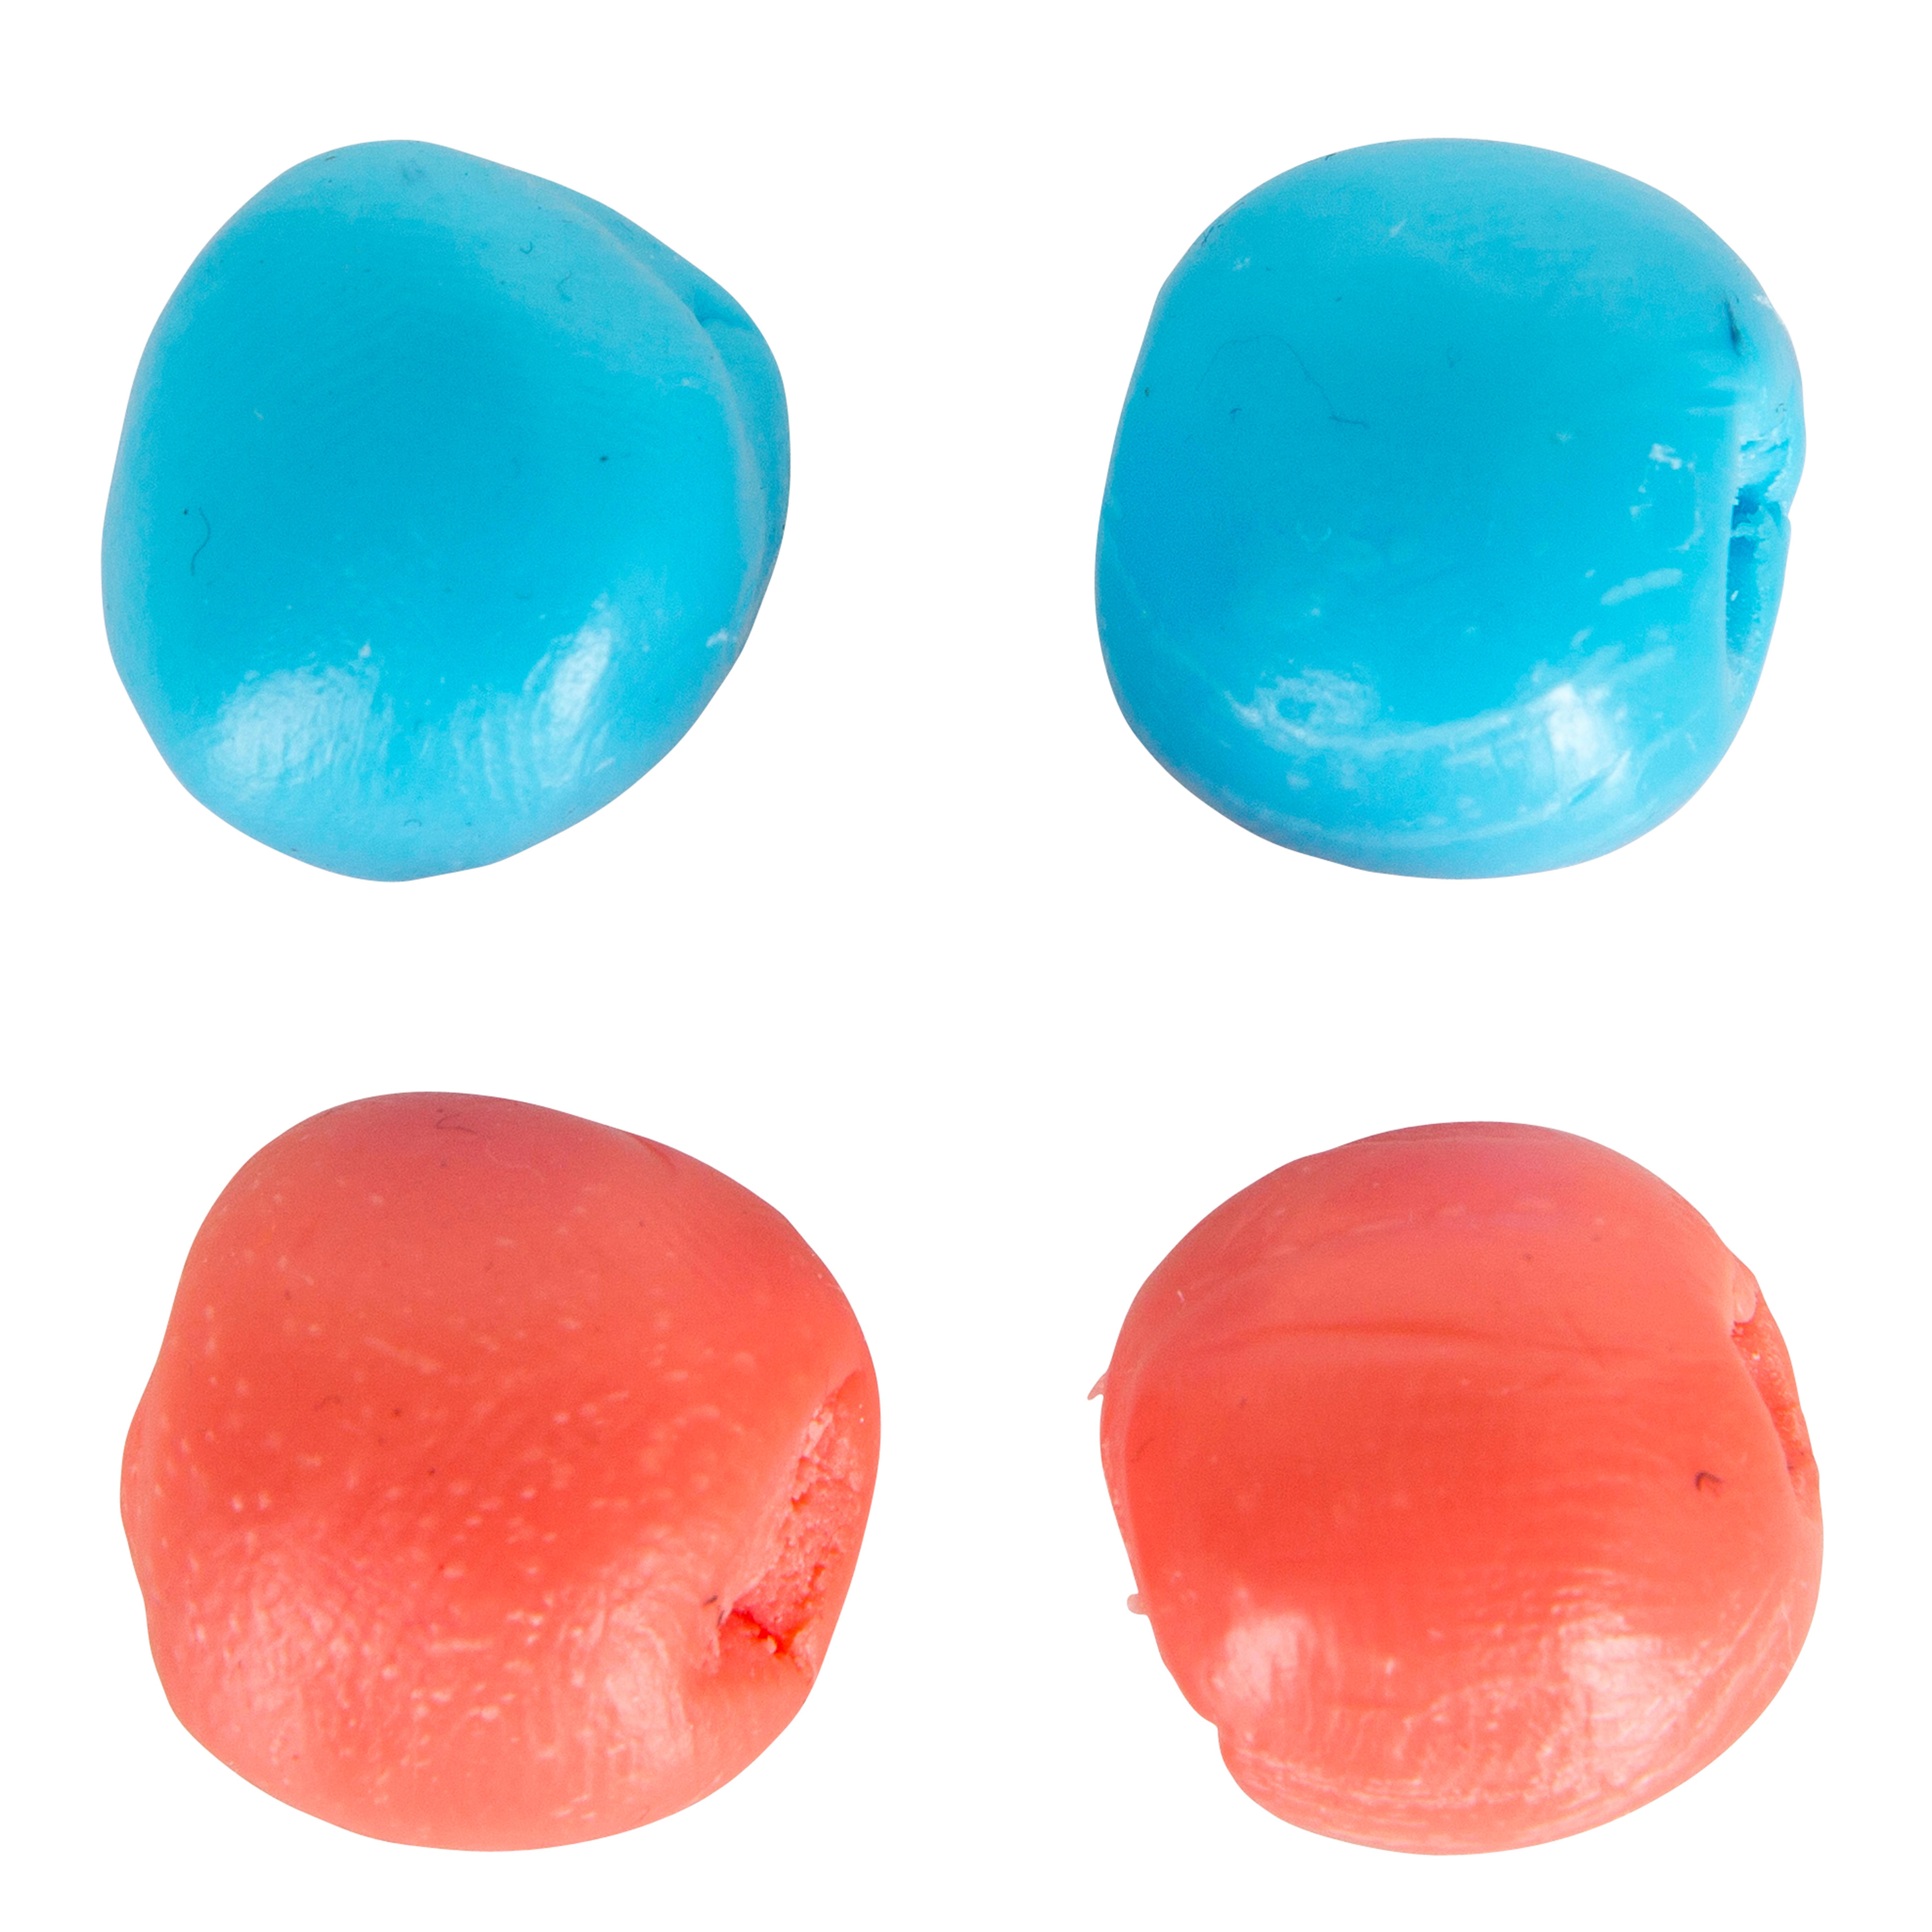 Bouchons d'oreille en silicone colorés rouge et bleu